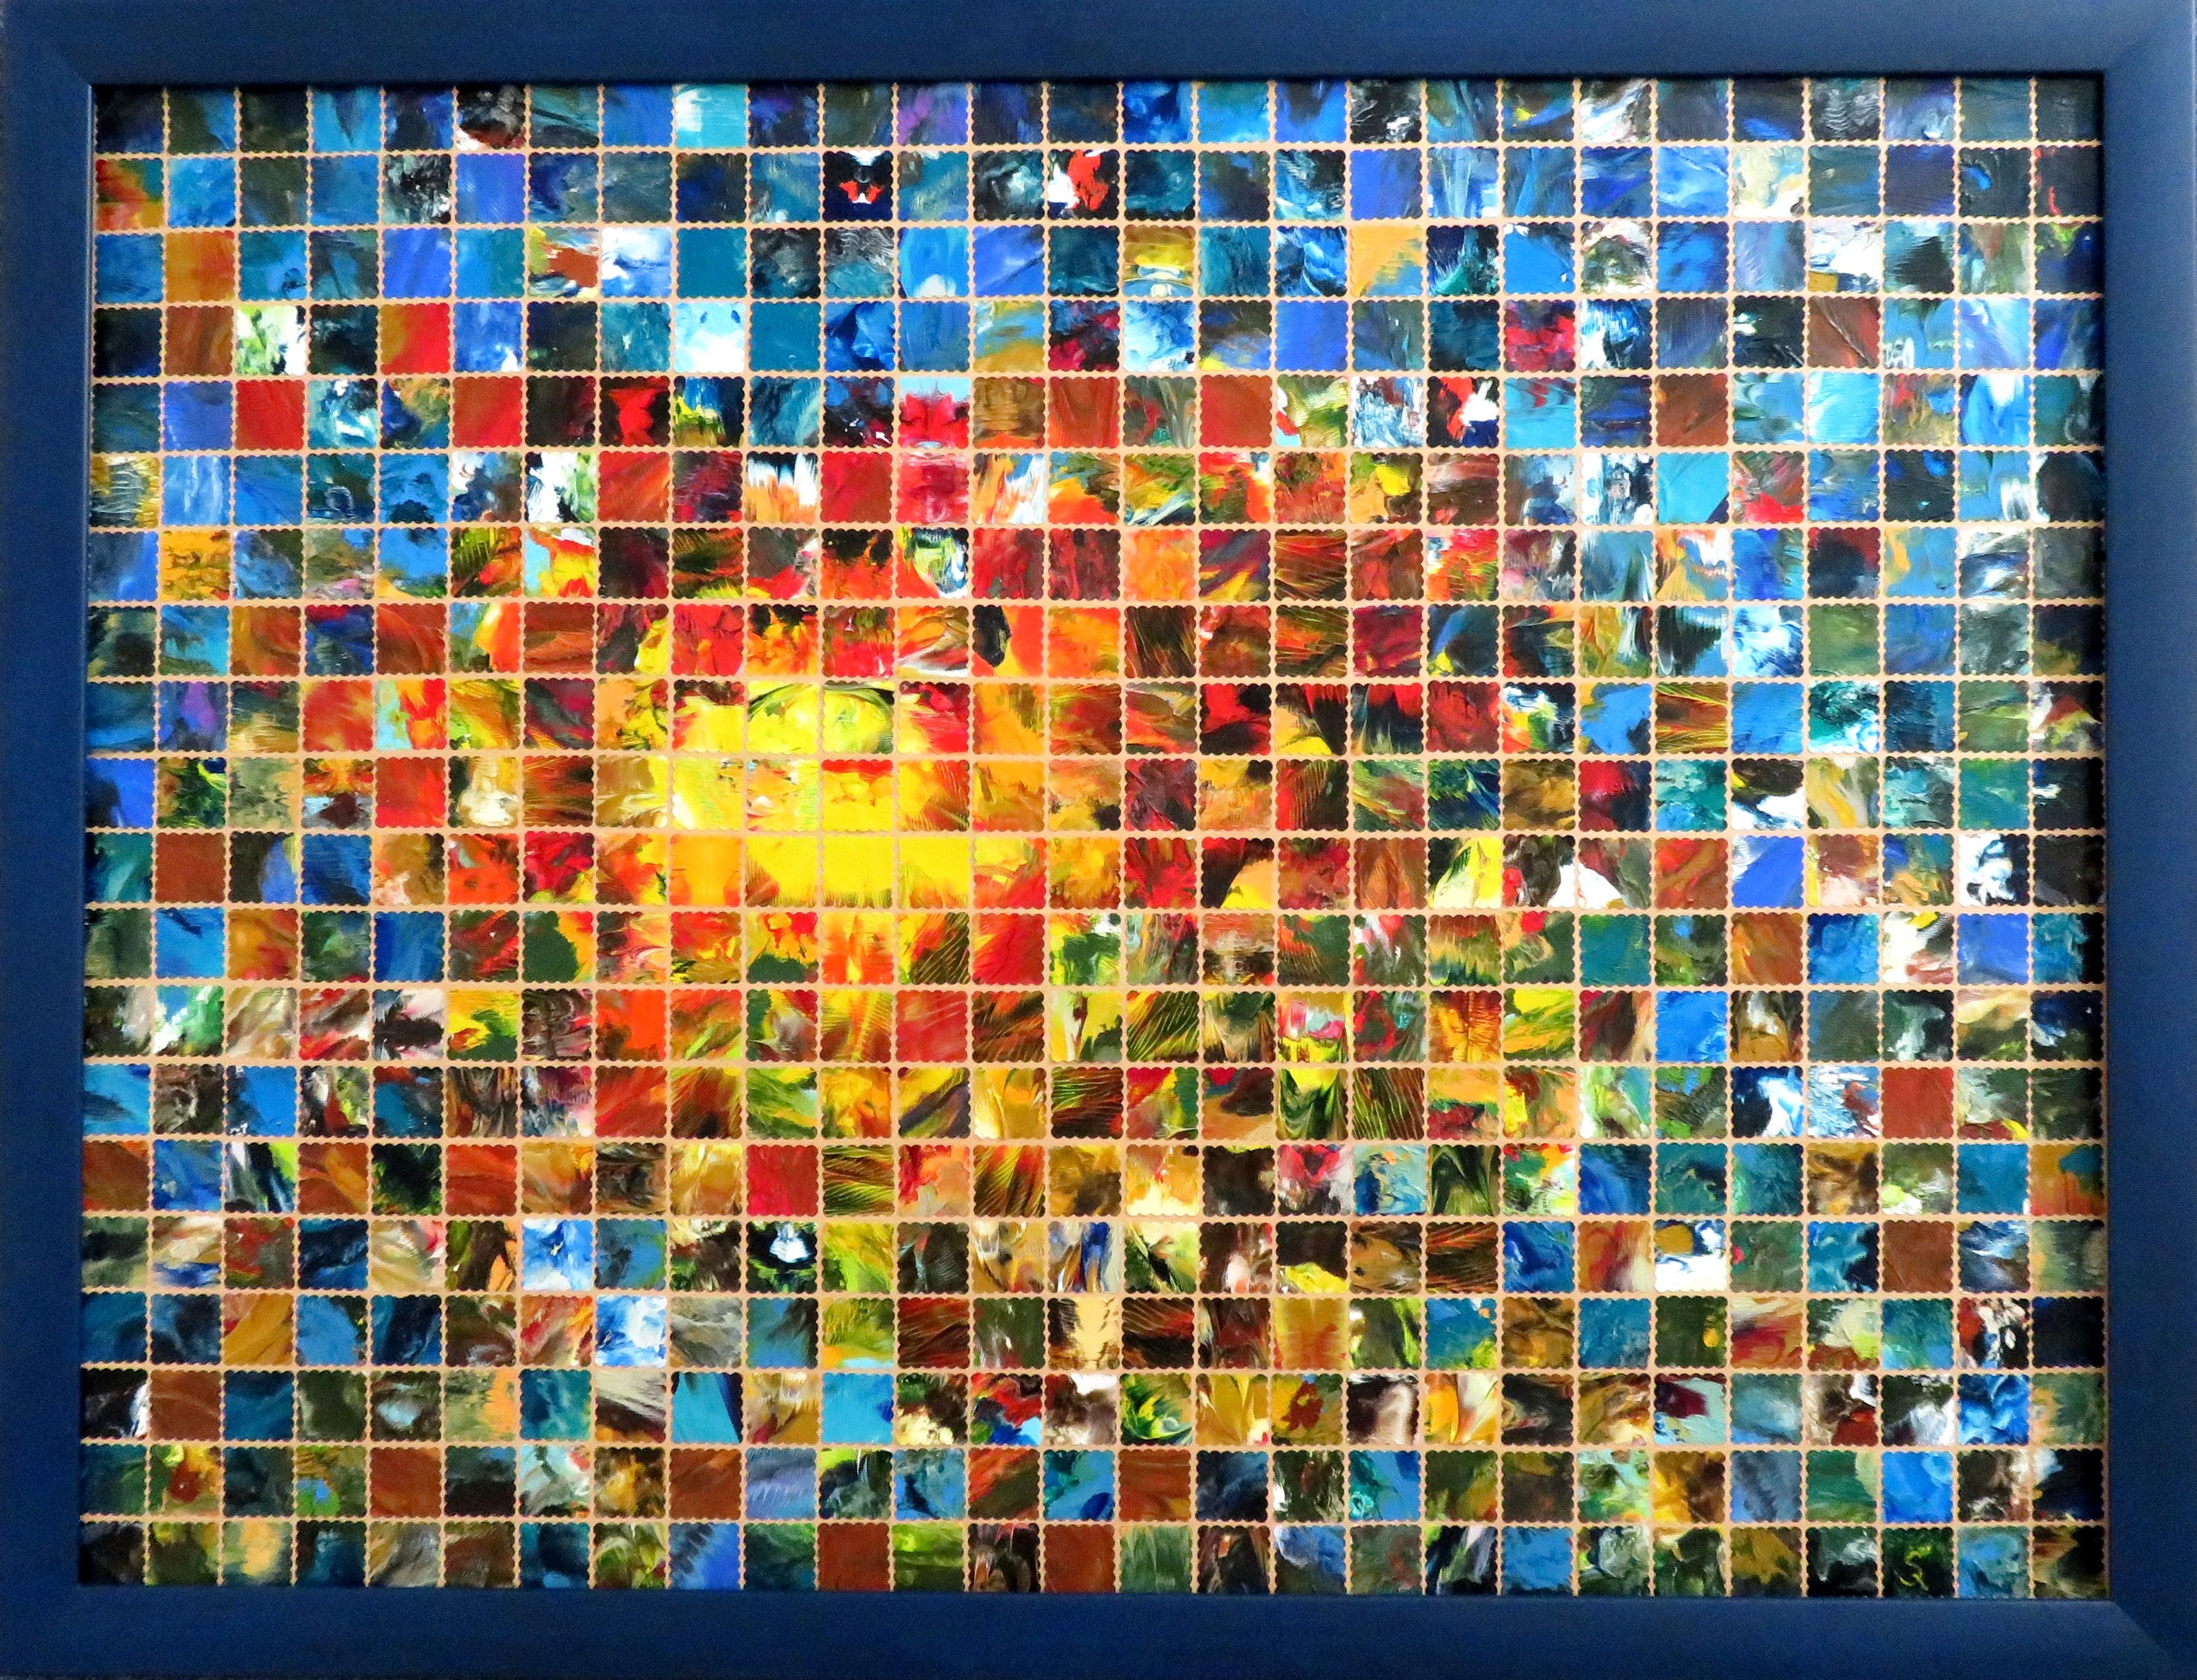 Die Sonne geht auf (67x87) Art in Art